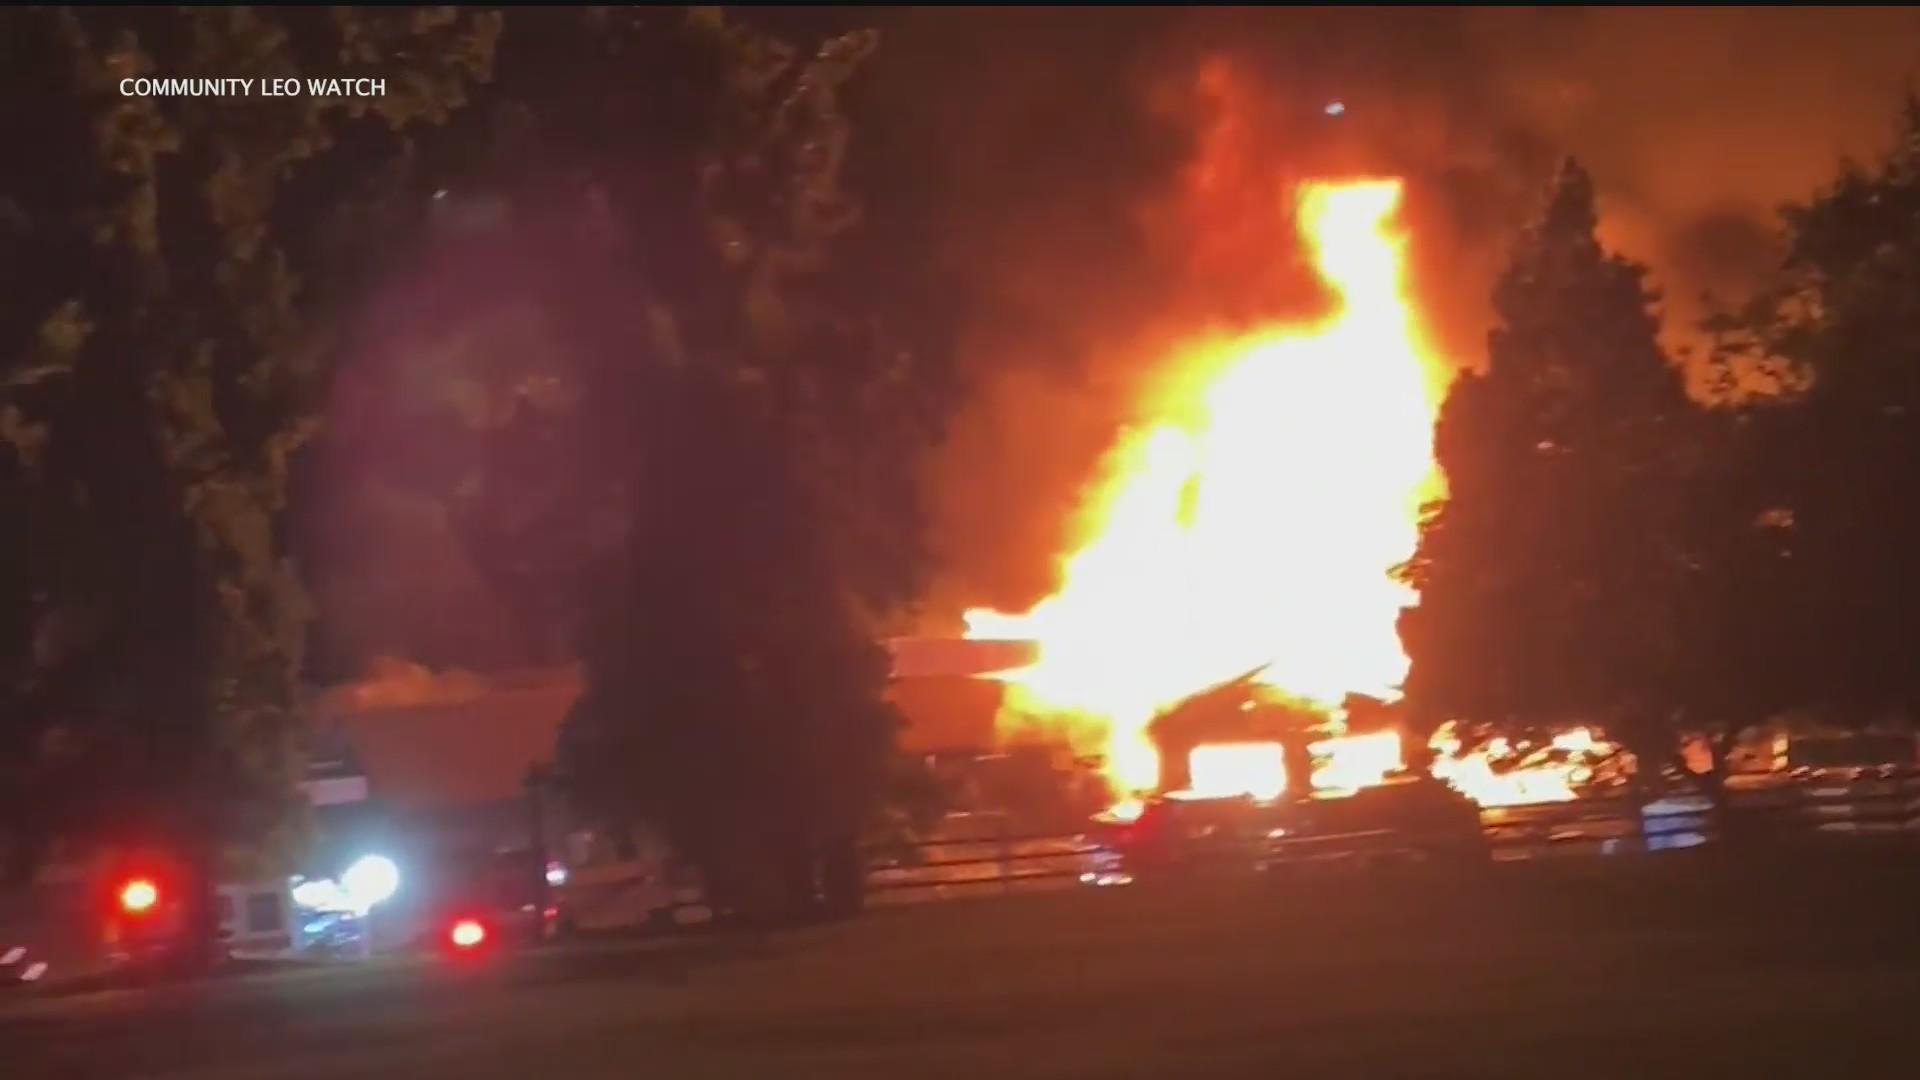 Firefighters battle a blaze at Los Rios Rancho in Oak Glen. (Community Leo Watch)